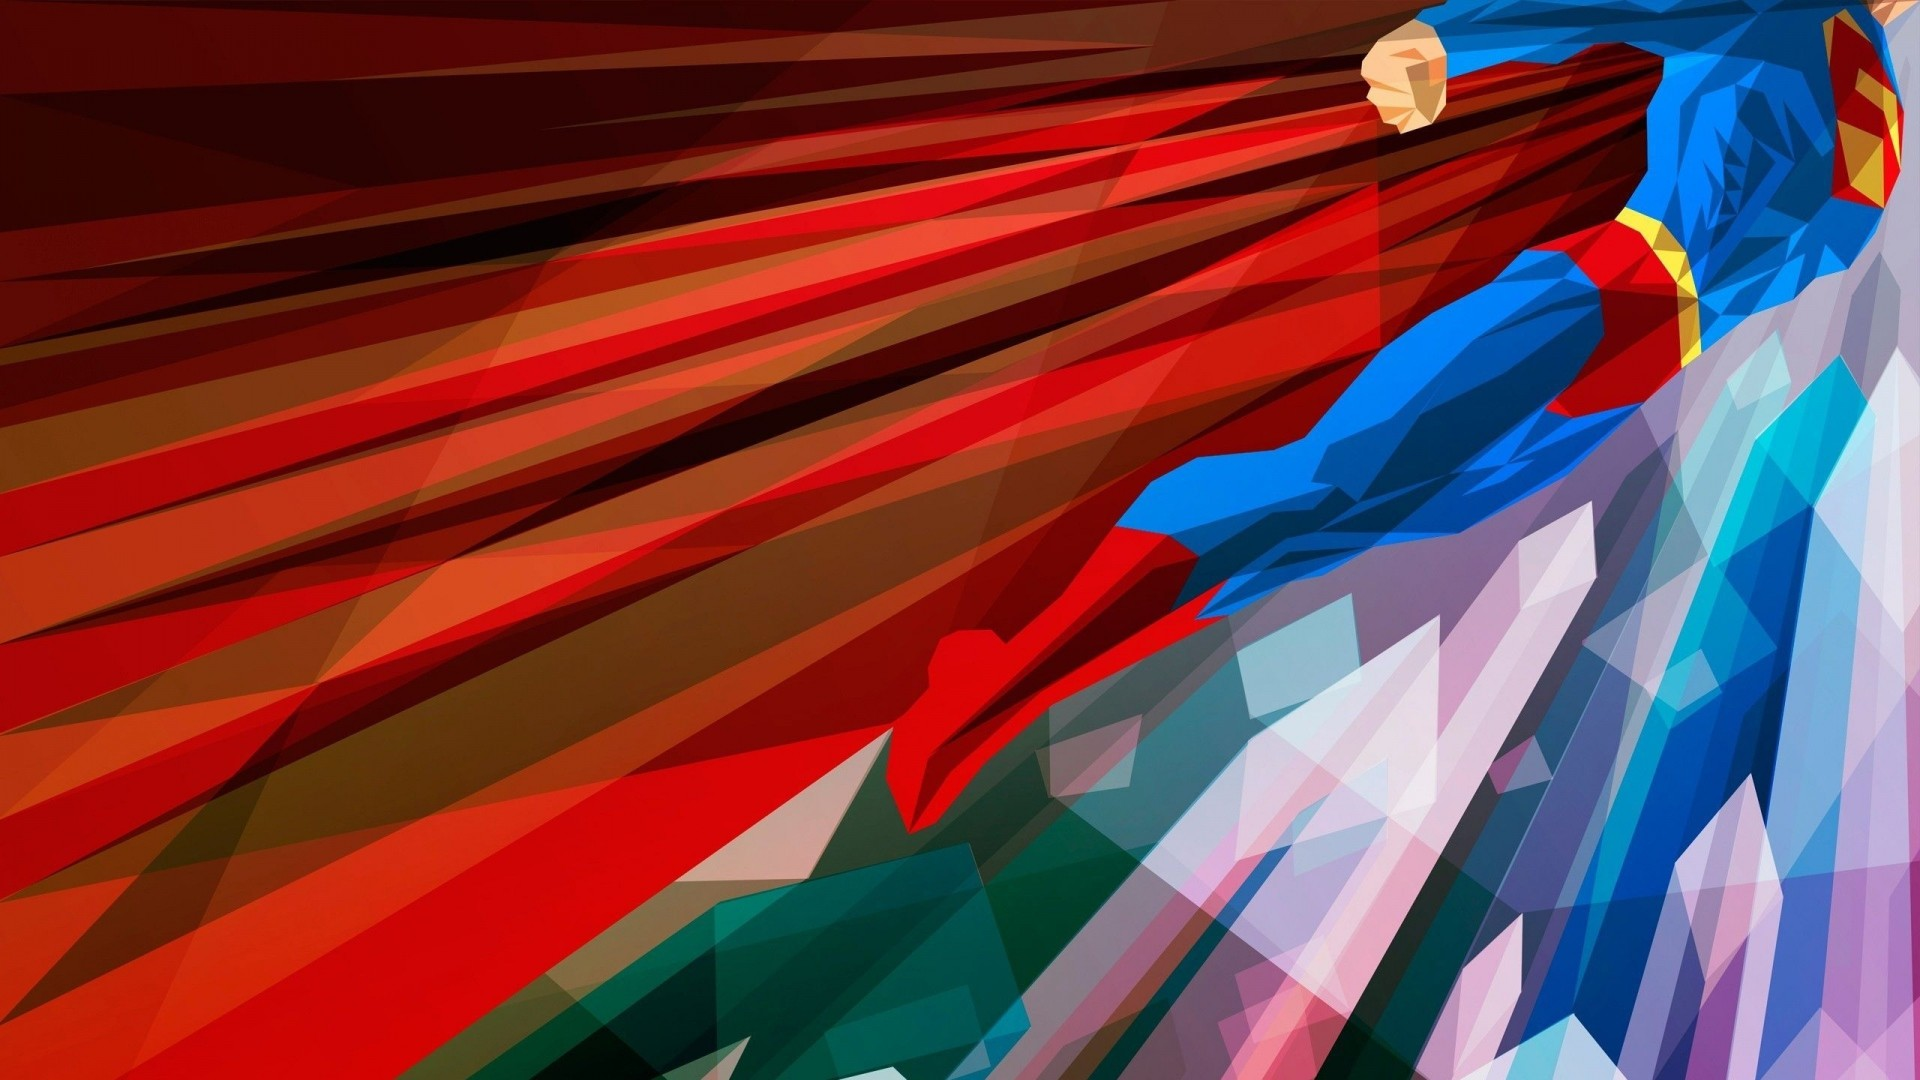 1920x1080 Superman Hd Wallpapers 1080p Wallpapersafari